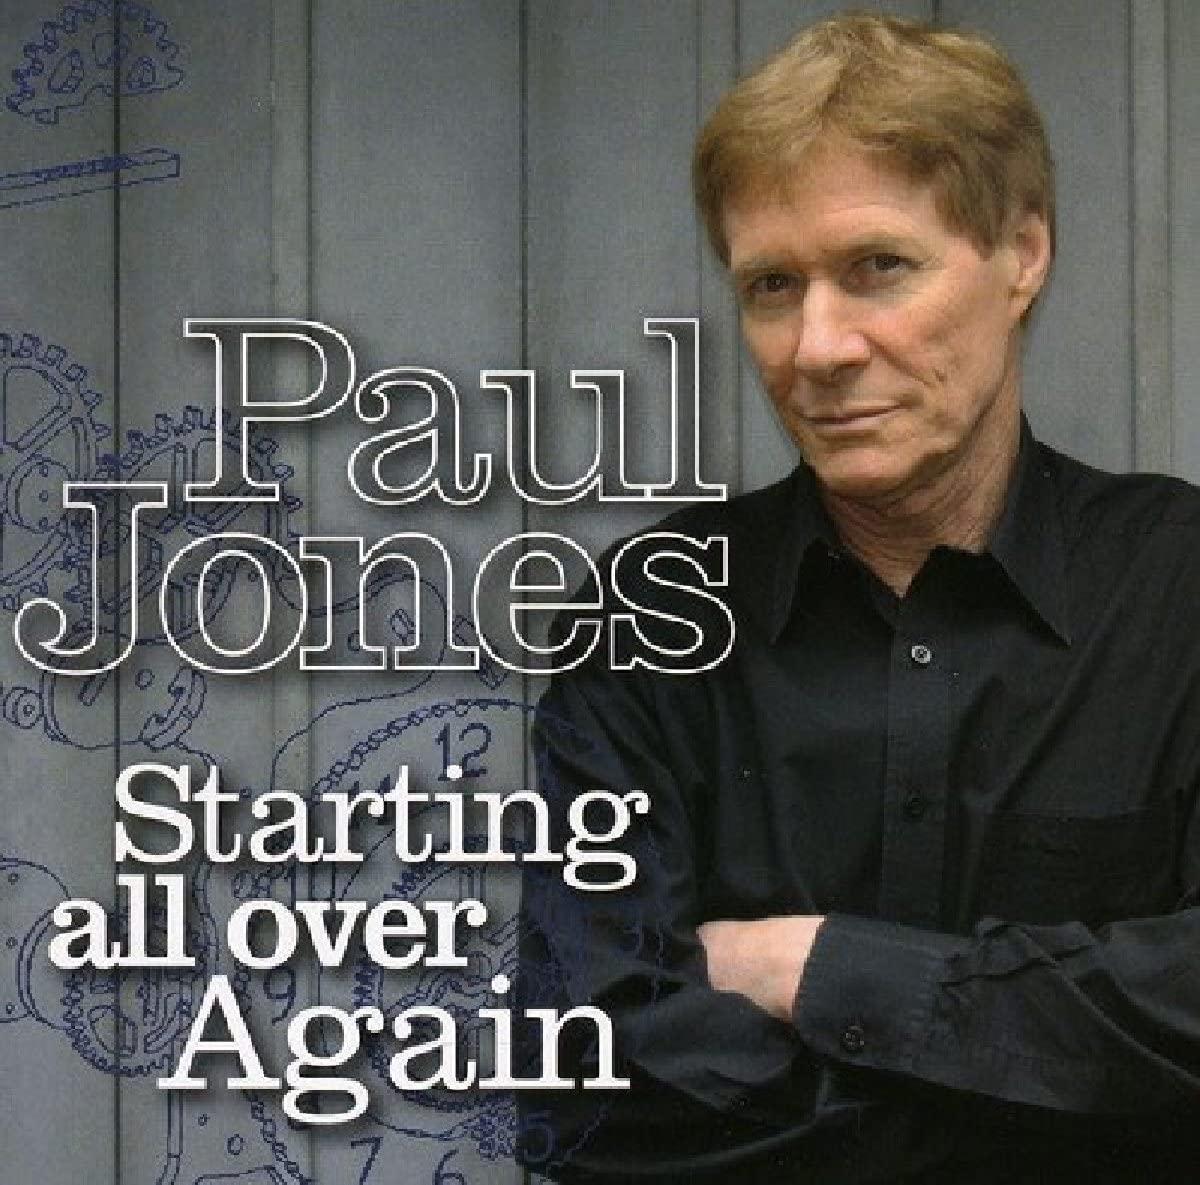 Paul Jones \'Starting all over Again